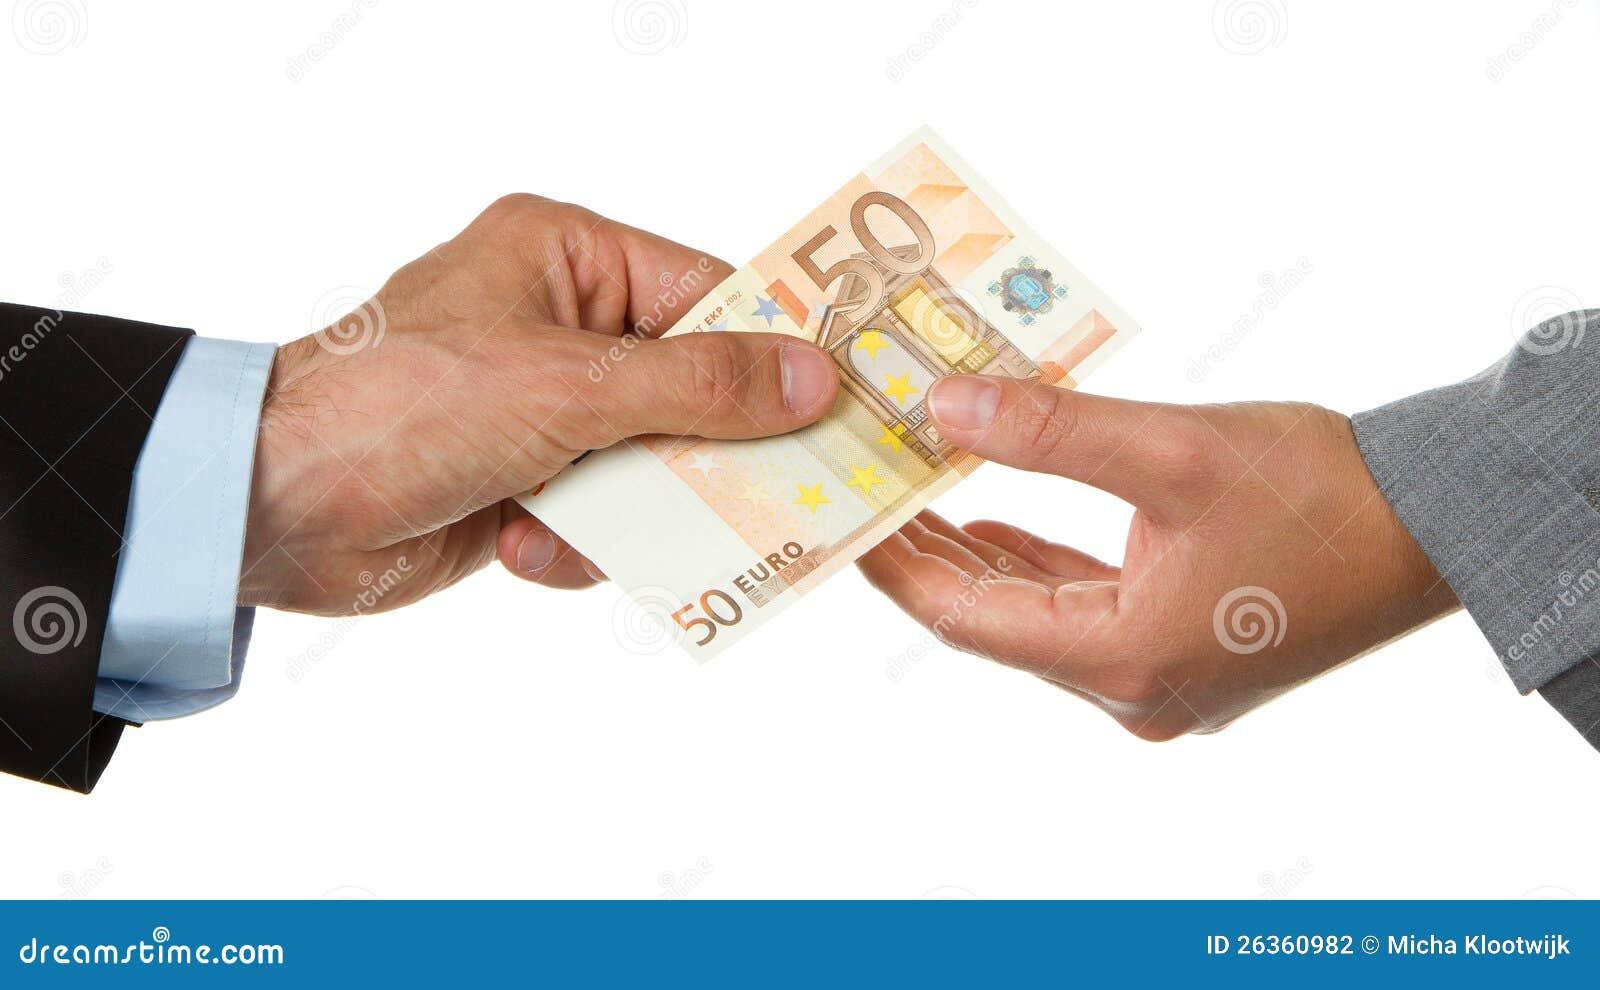 Mann, der gibt einer Frau Euro 50 (Geschäft)